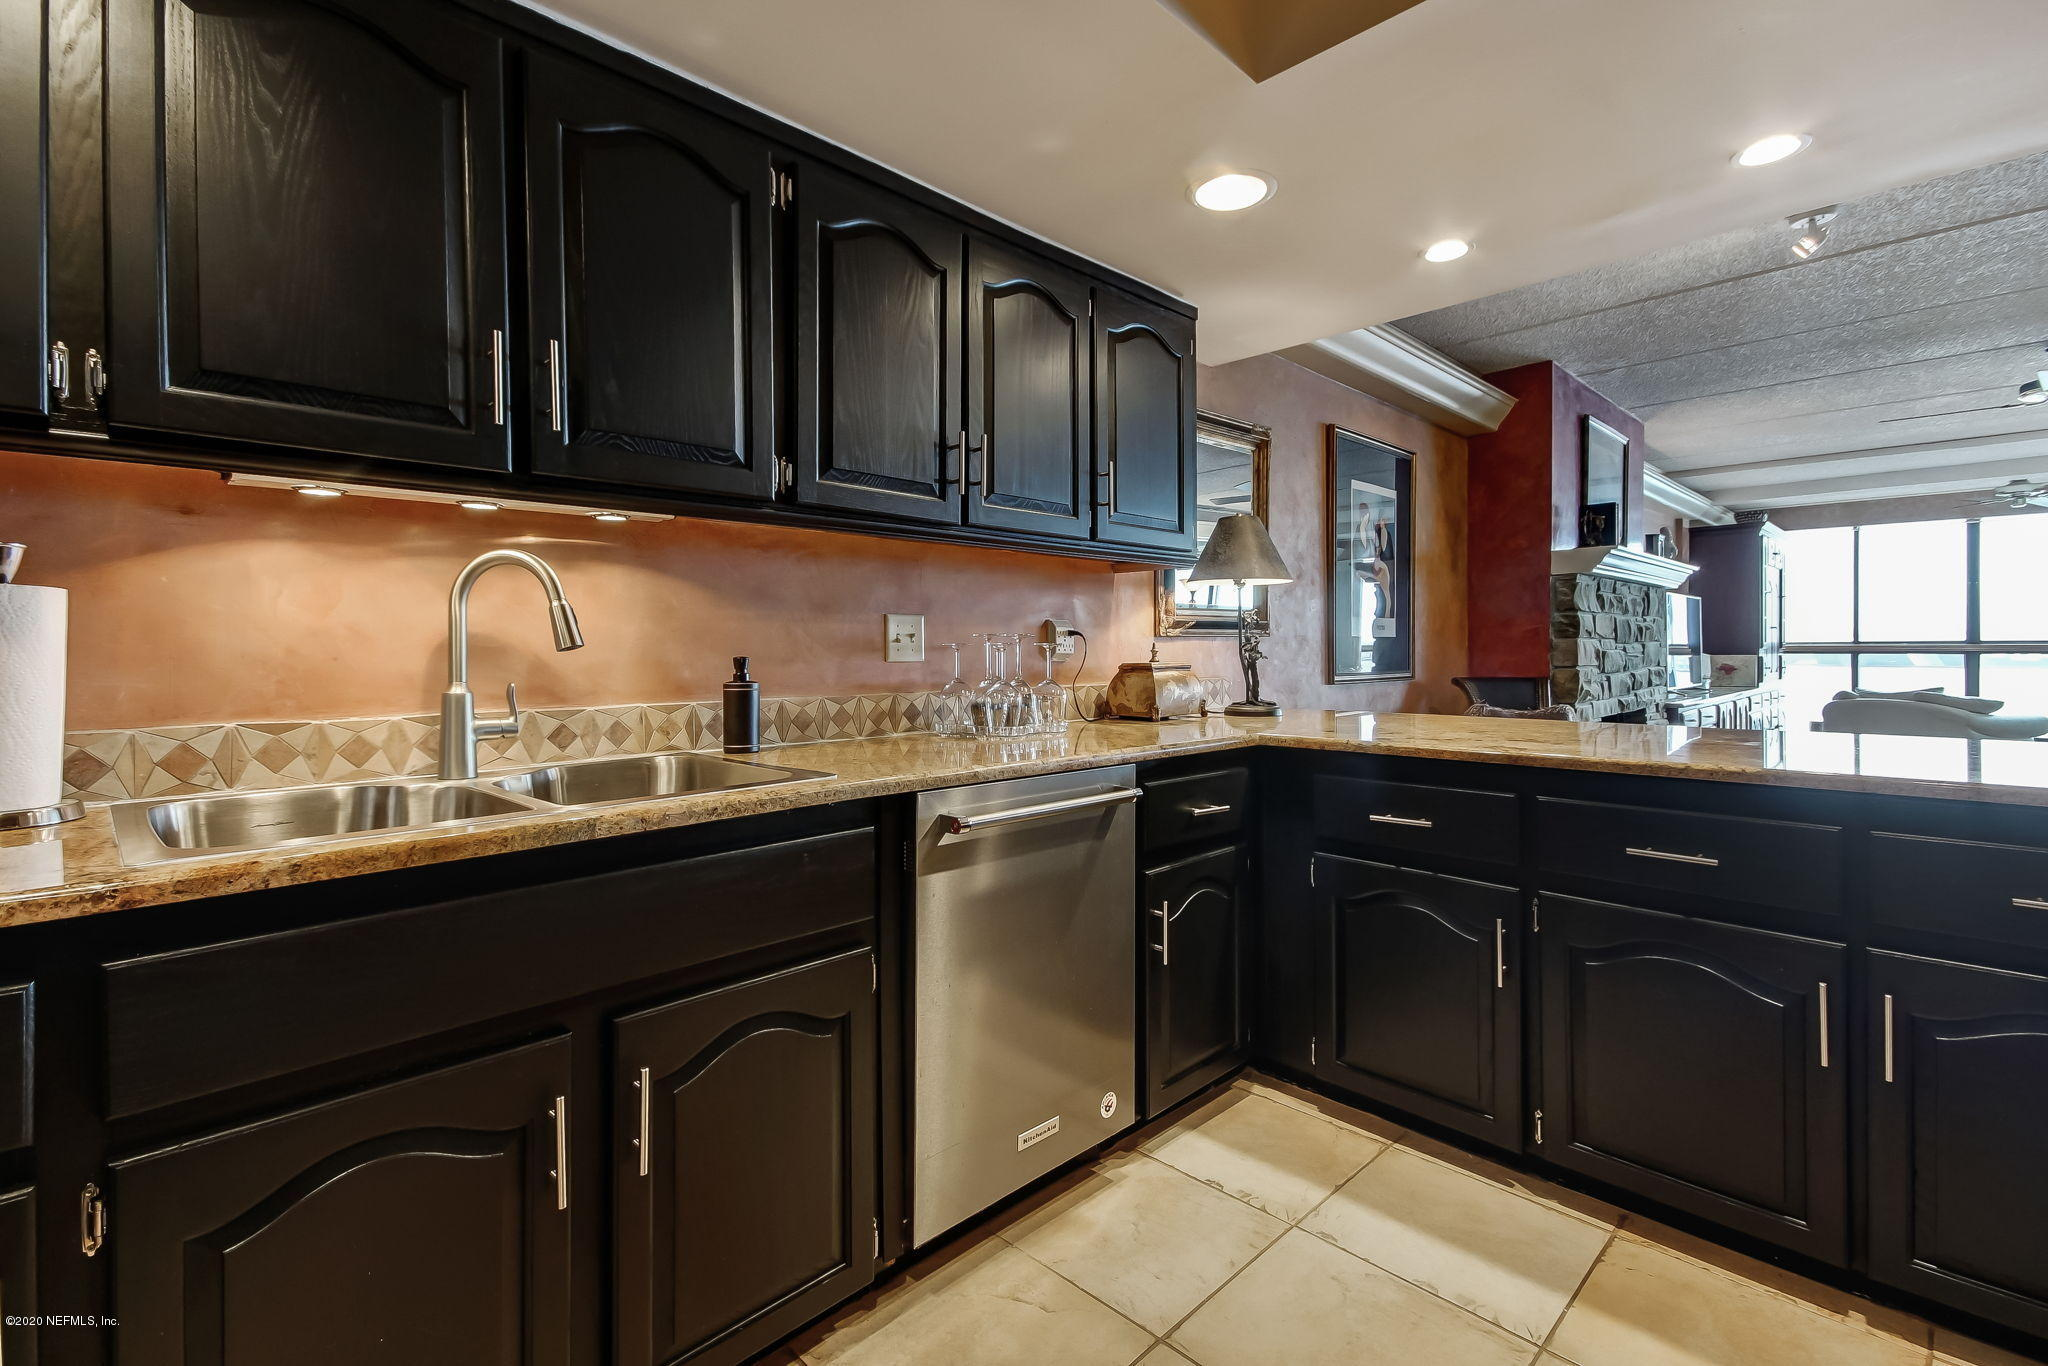 2280 SHEPARD, JACKSONVILLE, FLORIDA 32211, 3 Bedrooms Bedrooms, ,3 BathroomsBathrooms,Residential,For sale,SHEPARD,1044208